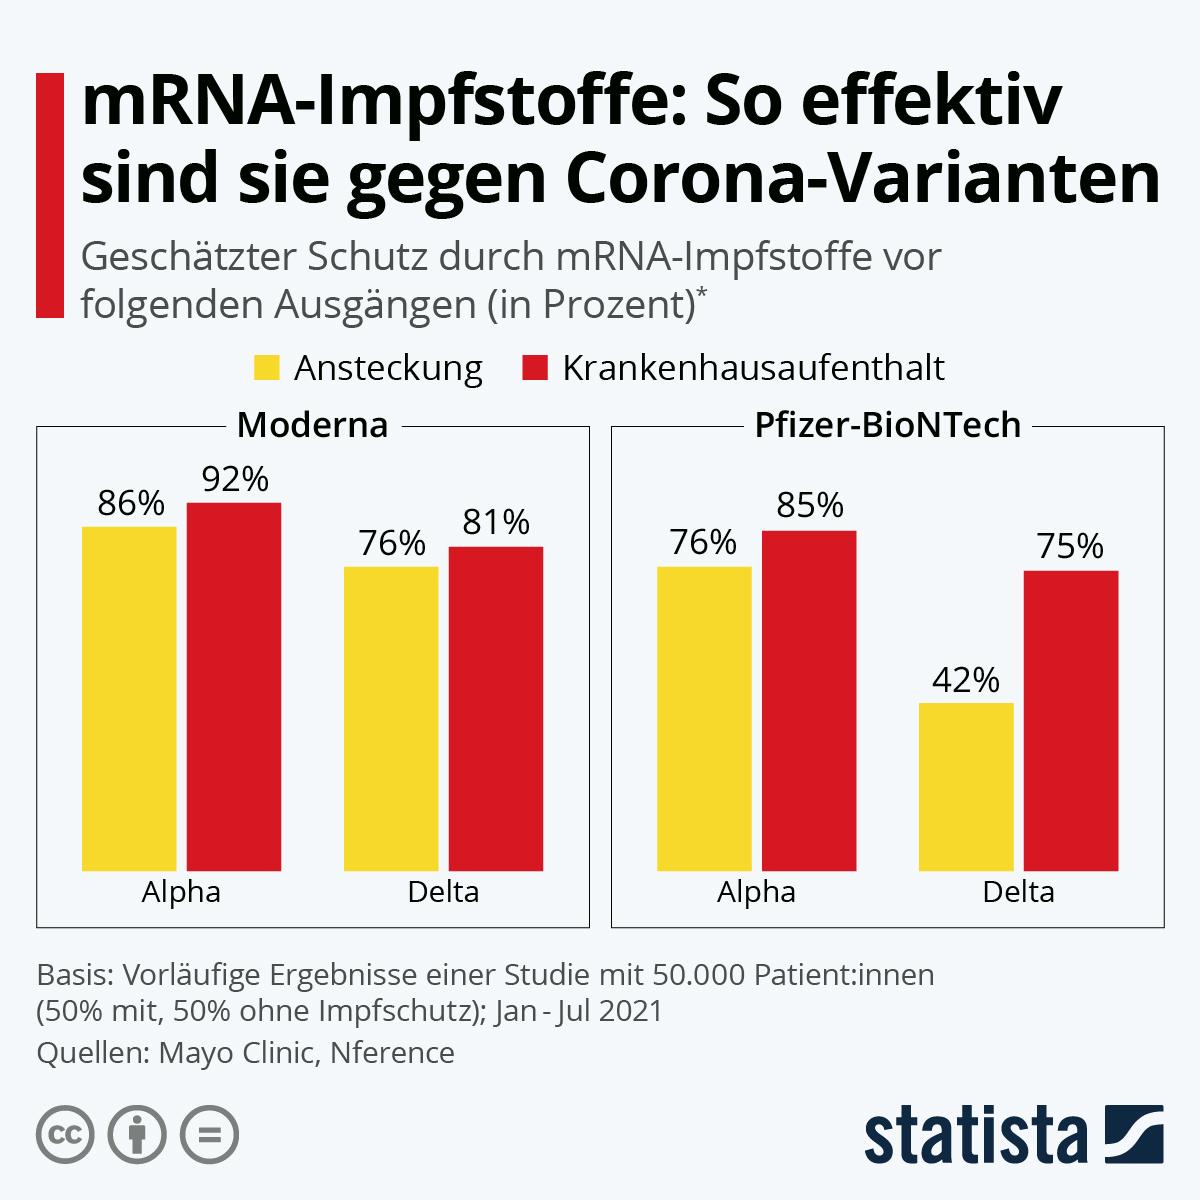 Infografik: So effektiv sind mRNA-Impfstoffe gegen Corona-Varianten | Statista